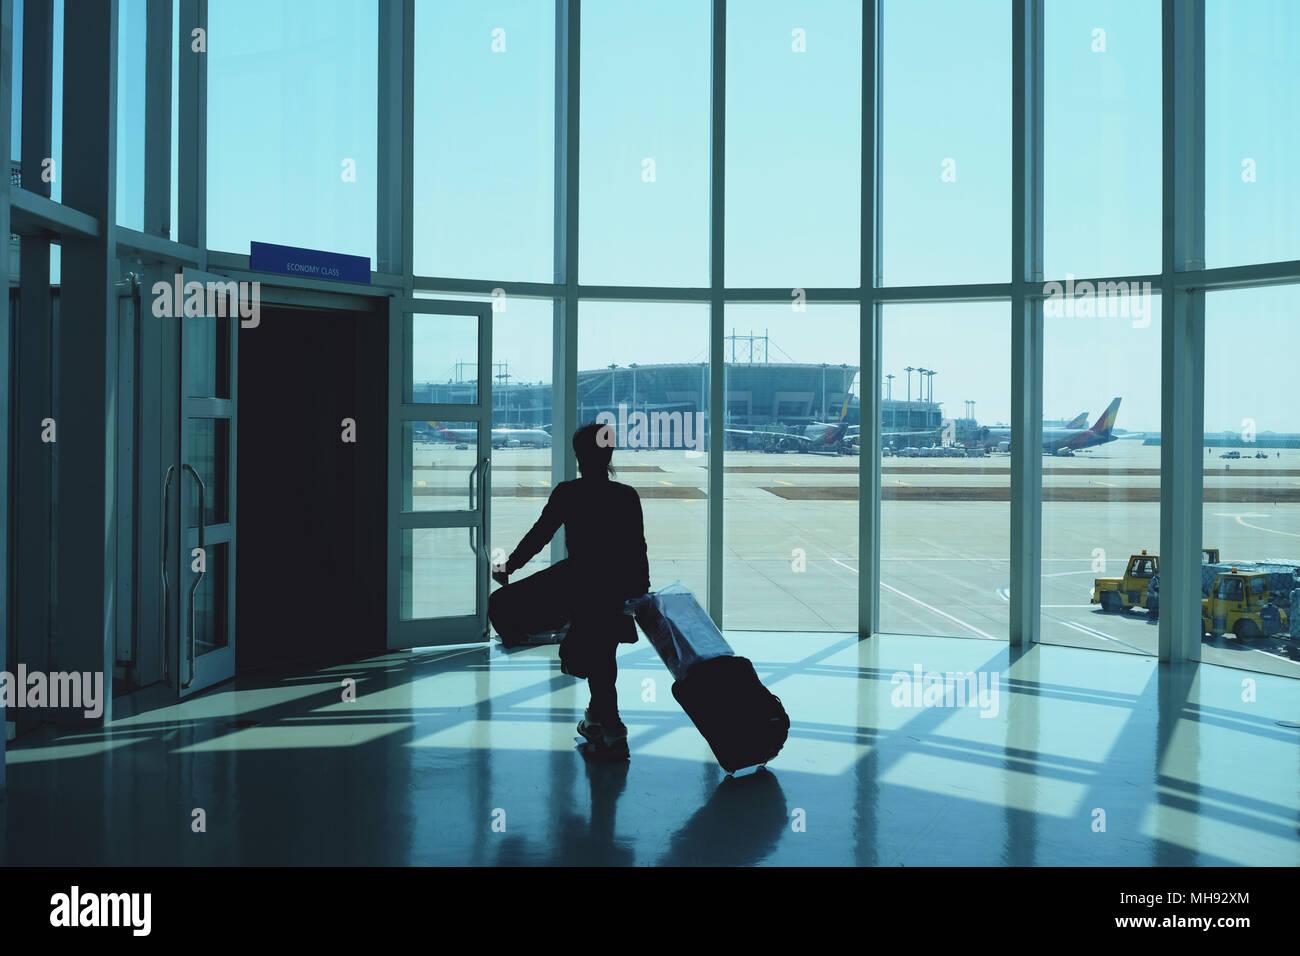 Donna trascinando un piccolo portano sui bagagli in aeroporto il corridoio per raggiungere a piedi i cancelli di partenza silhouette Immagini Stock